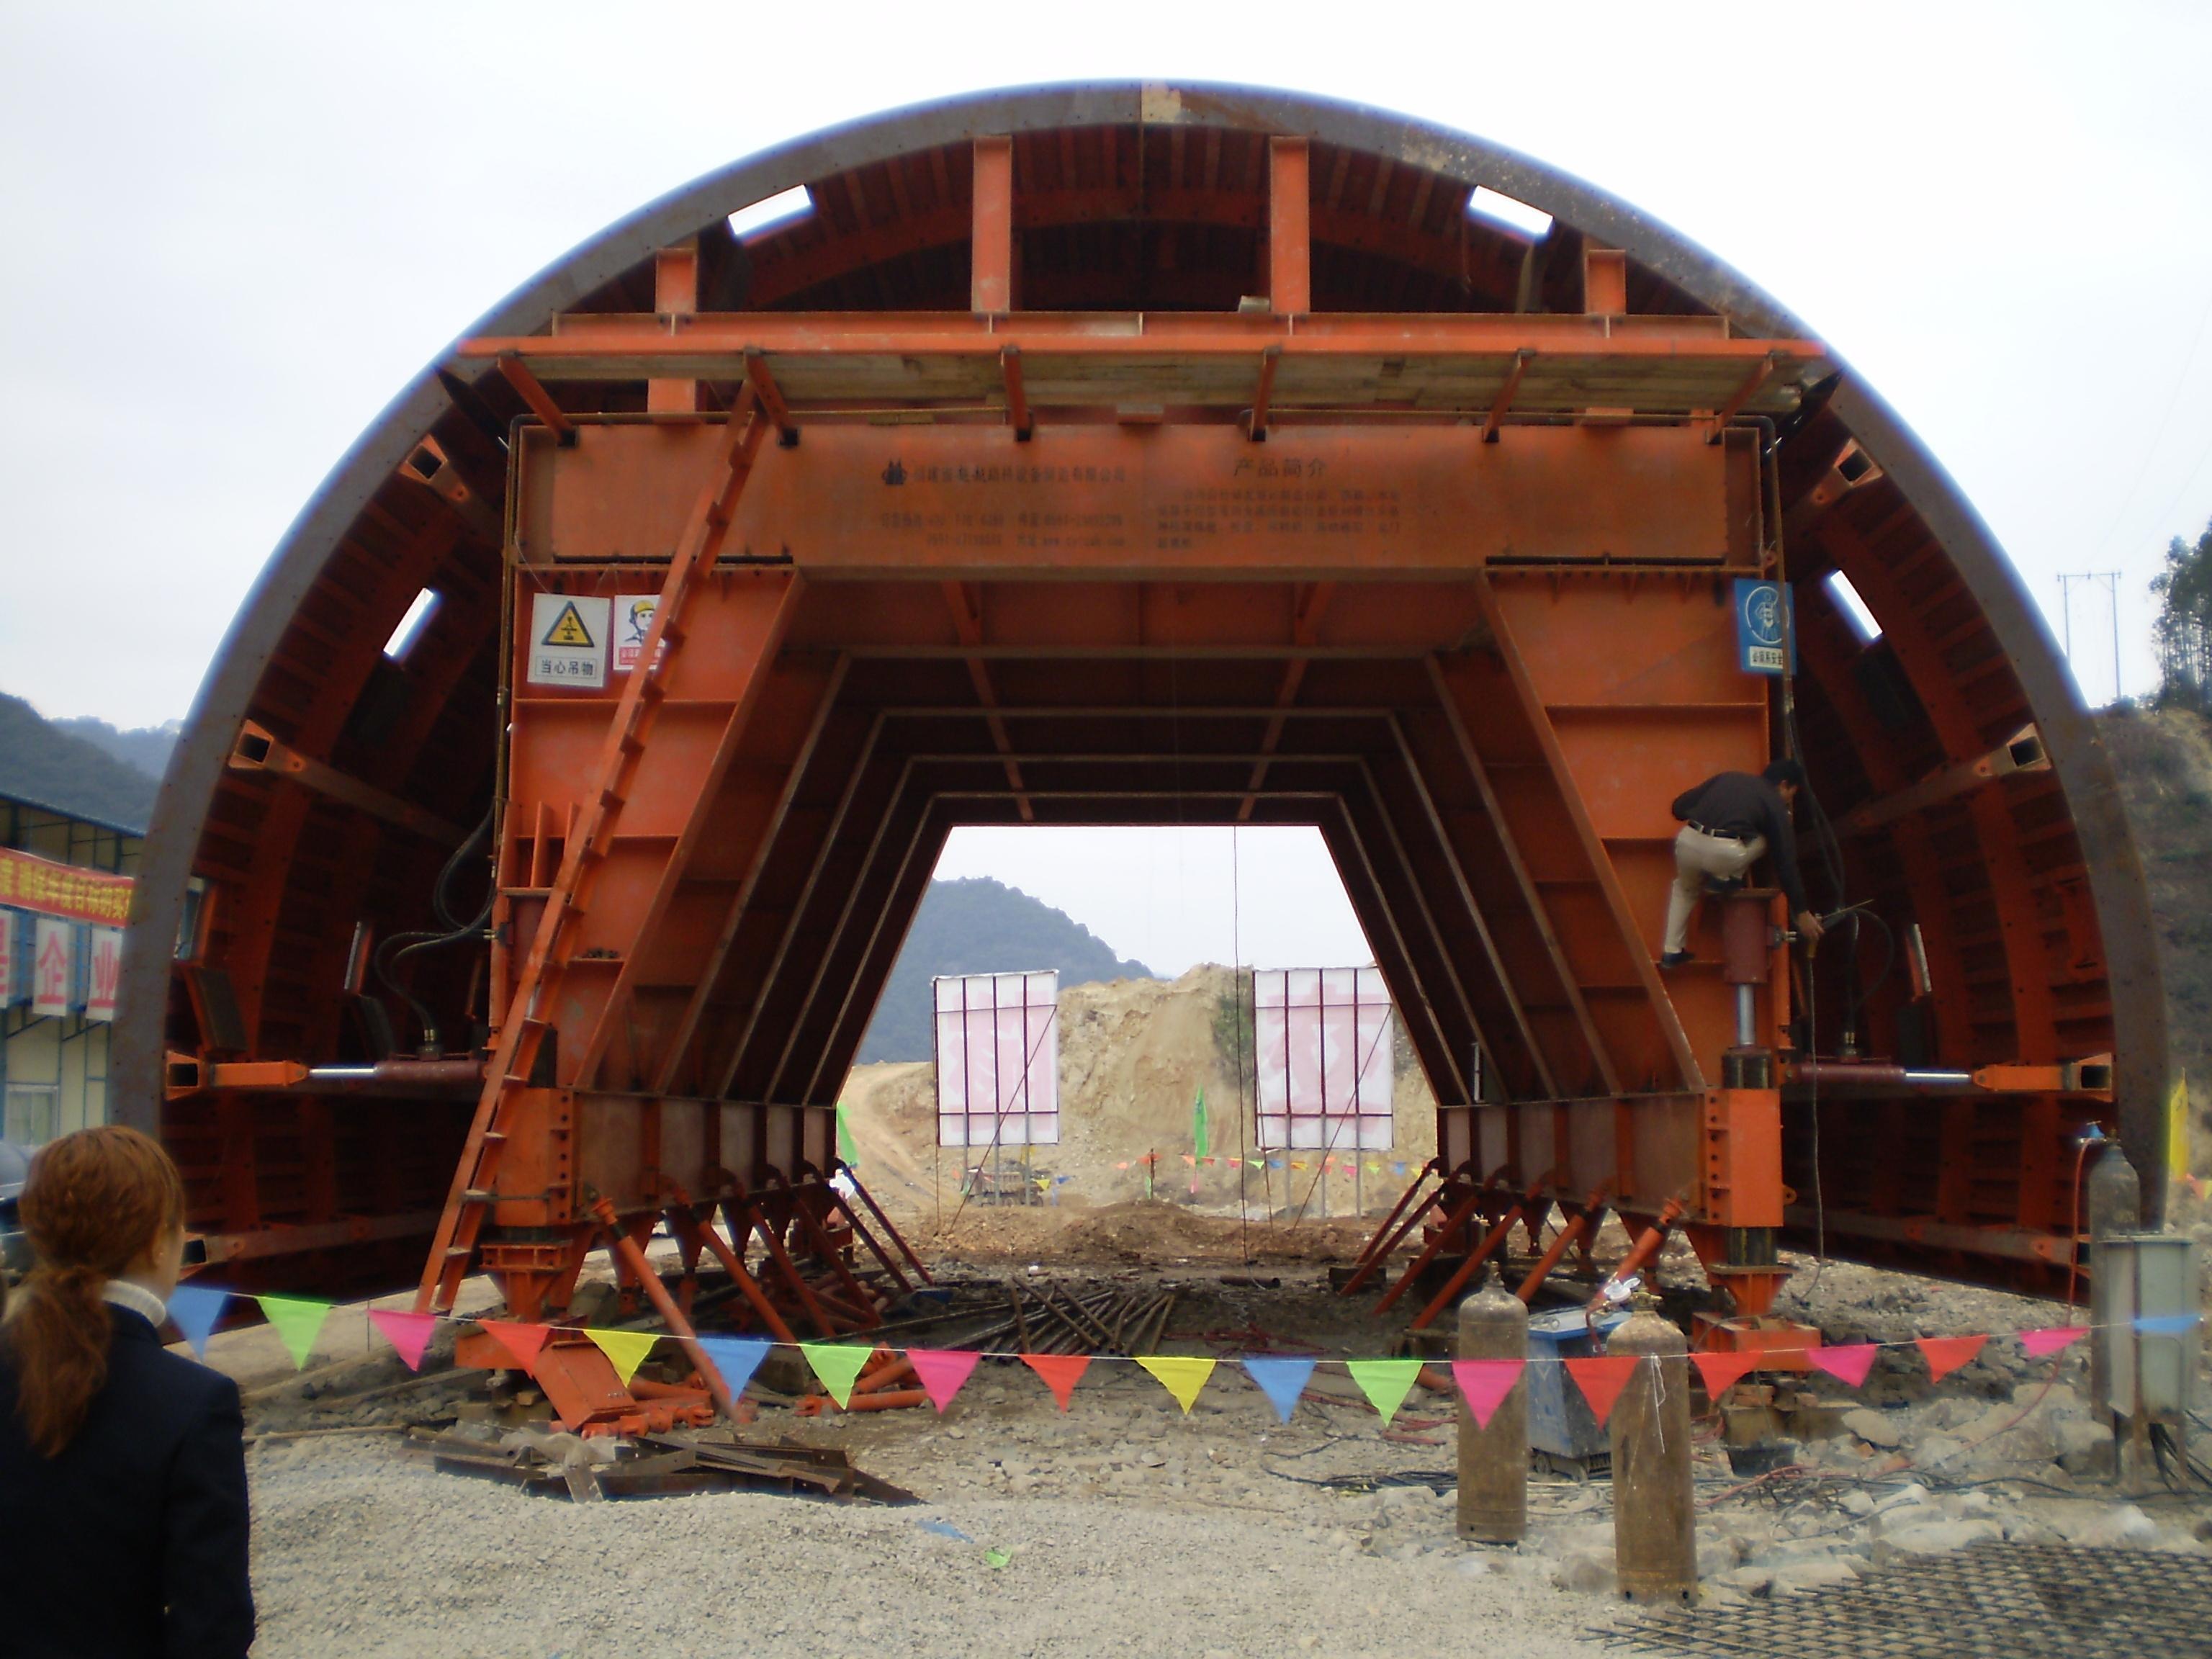 福建省闽清聚隆路桥设备有限公司;; 隧道衬砌台车;; 隧道台车